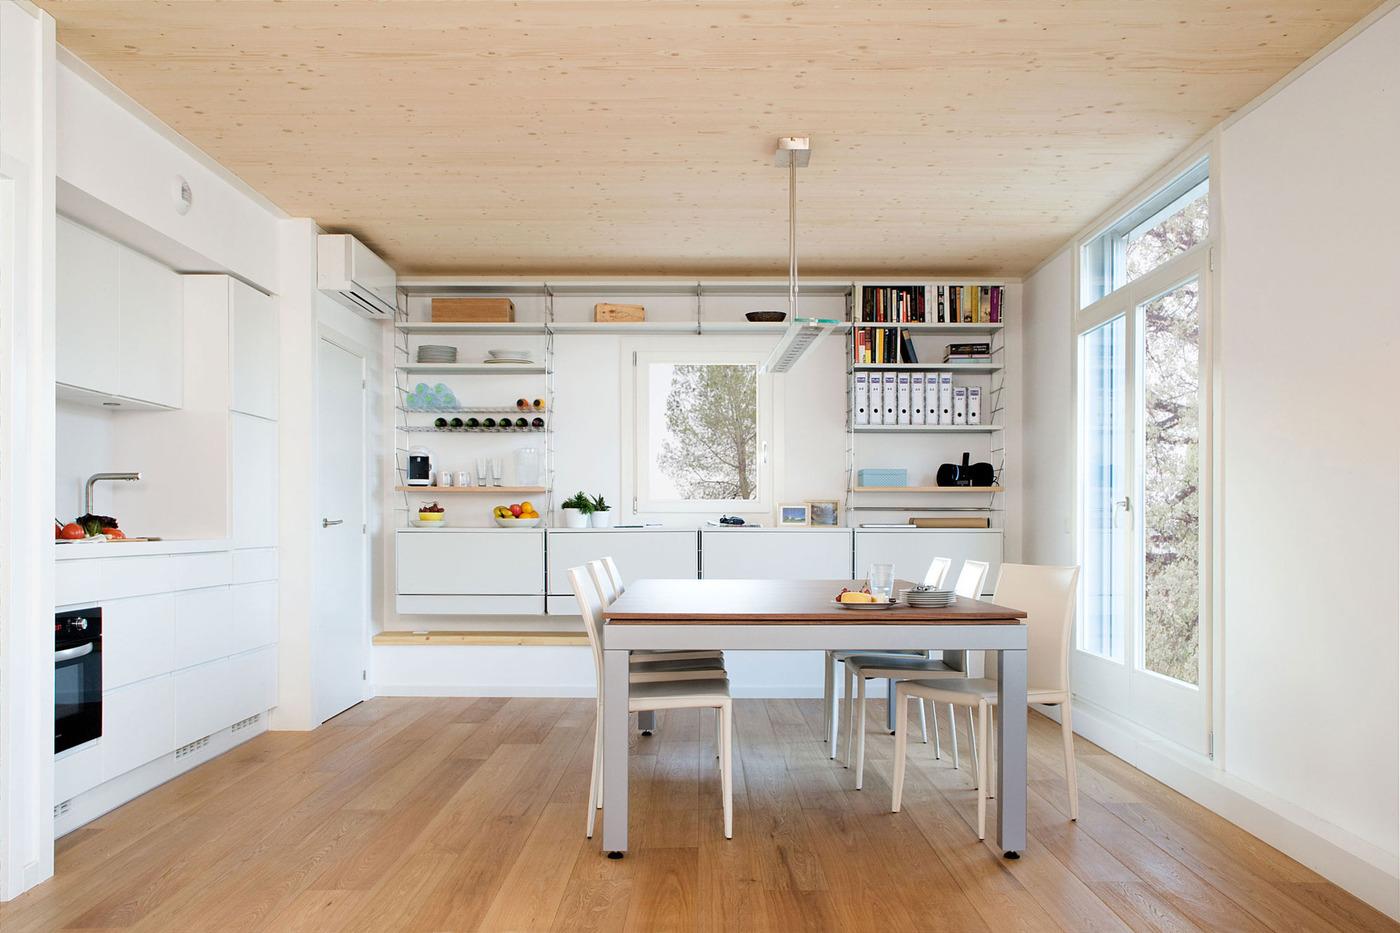 Кухня с необычным обеденным столом в закрытом виде